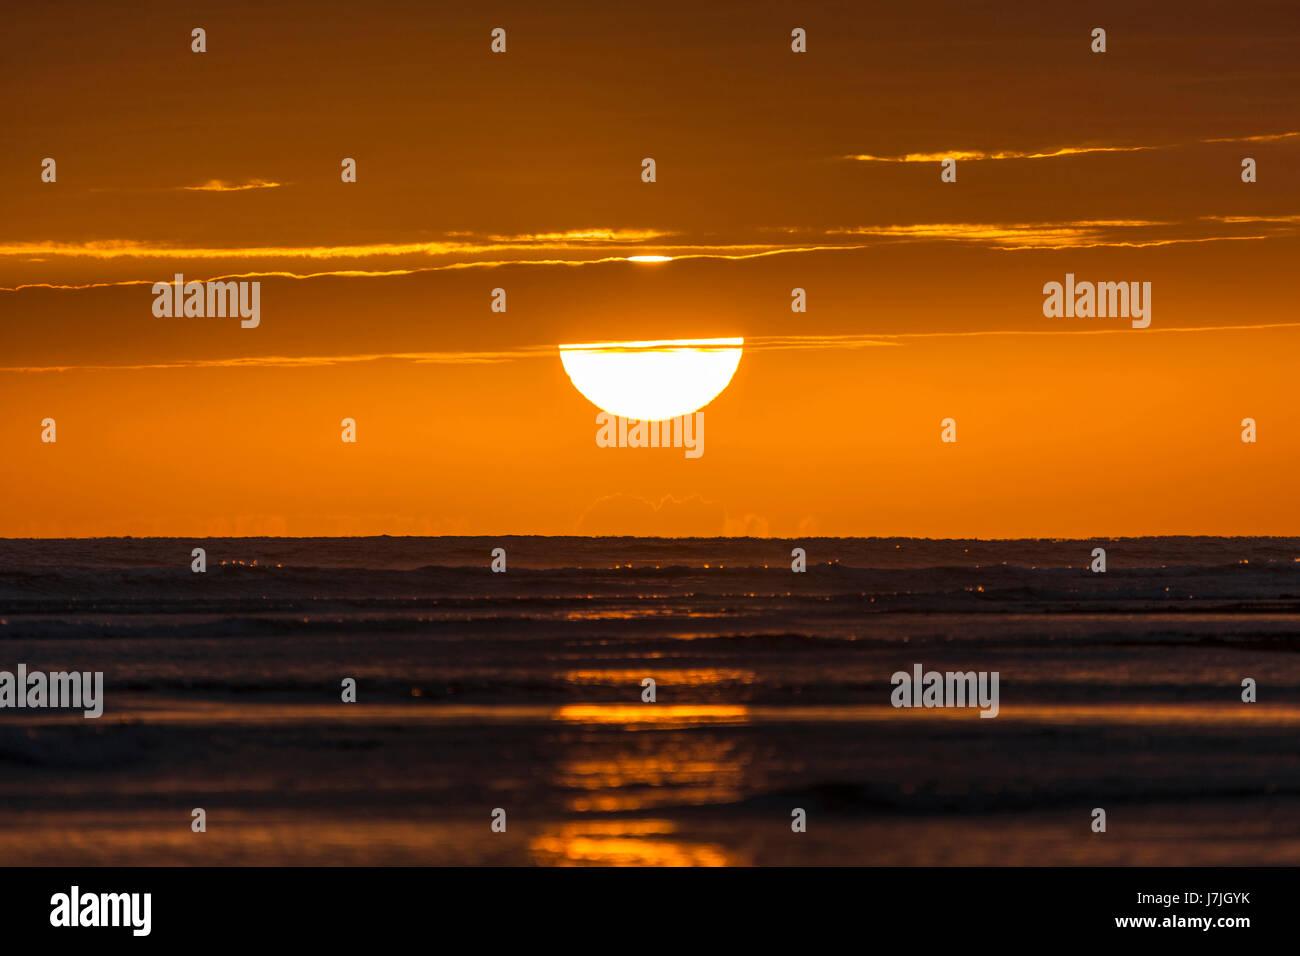 Sunset at Ocean, Jardines de la Reina, Cuba - Stock Image